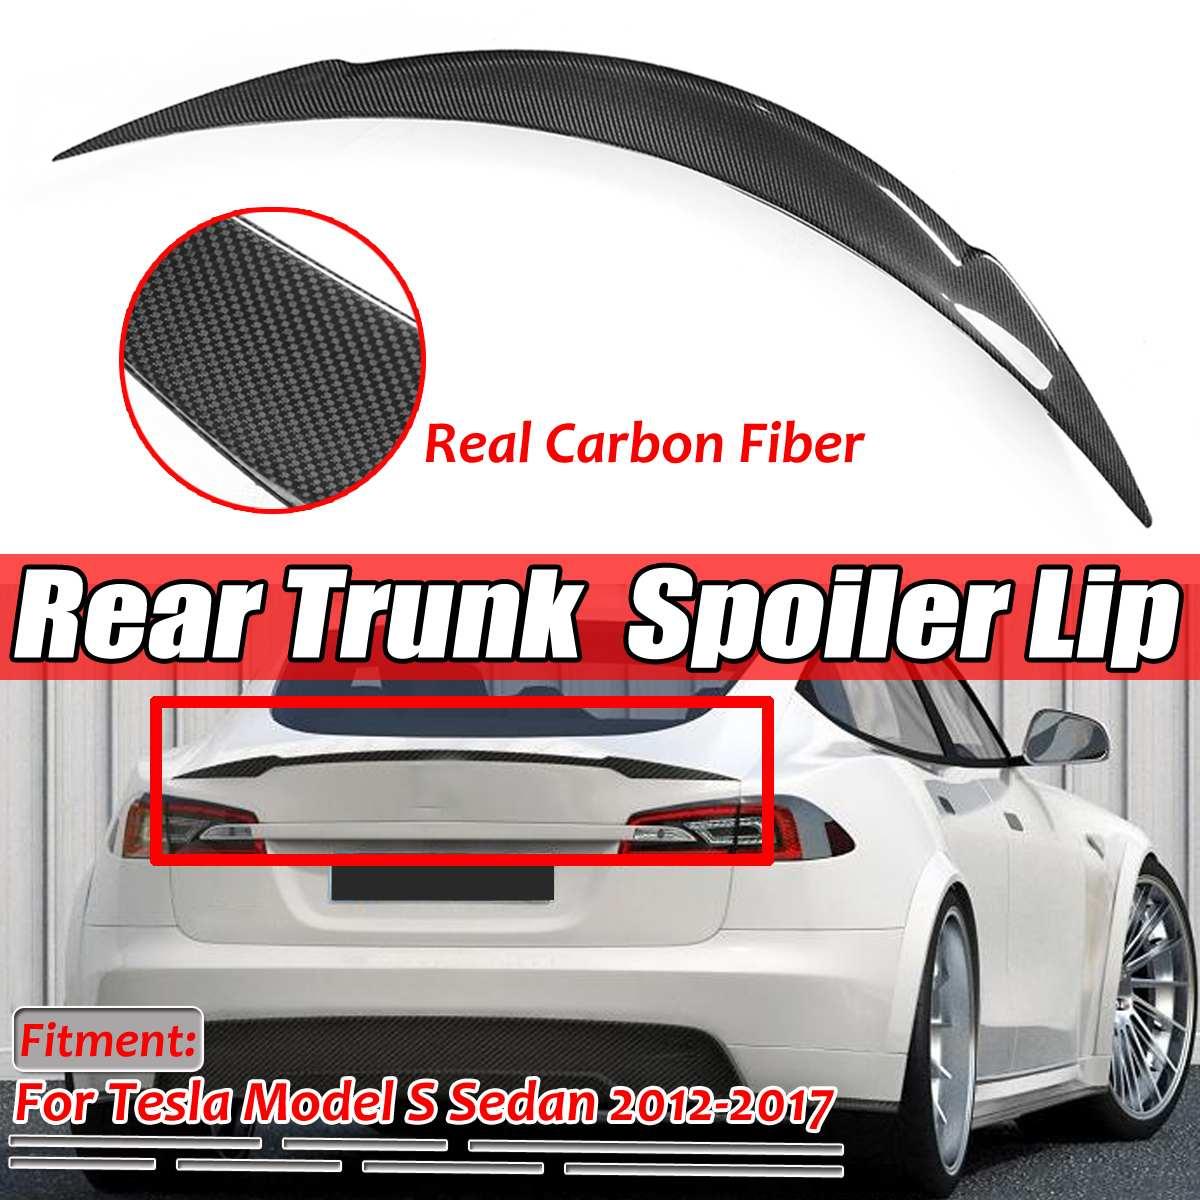 New Real Carbon Fiber Car Rear Trunk Boot Lip Spoiler Wing Lip Big For Tesla Model S Sedan 2012-2019 Wing Spoiler